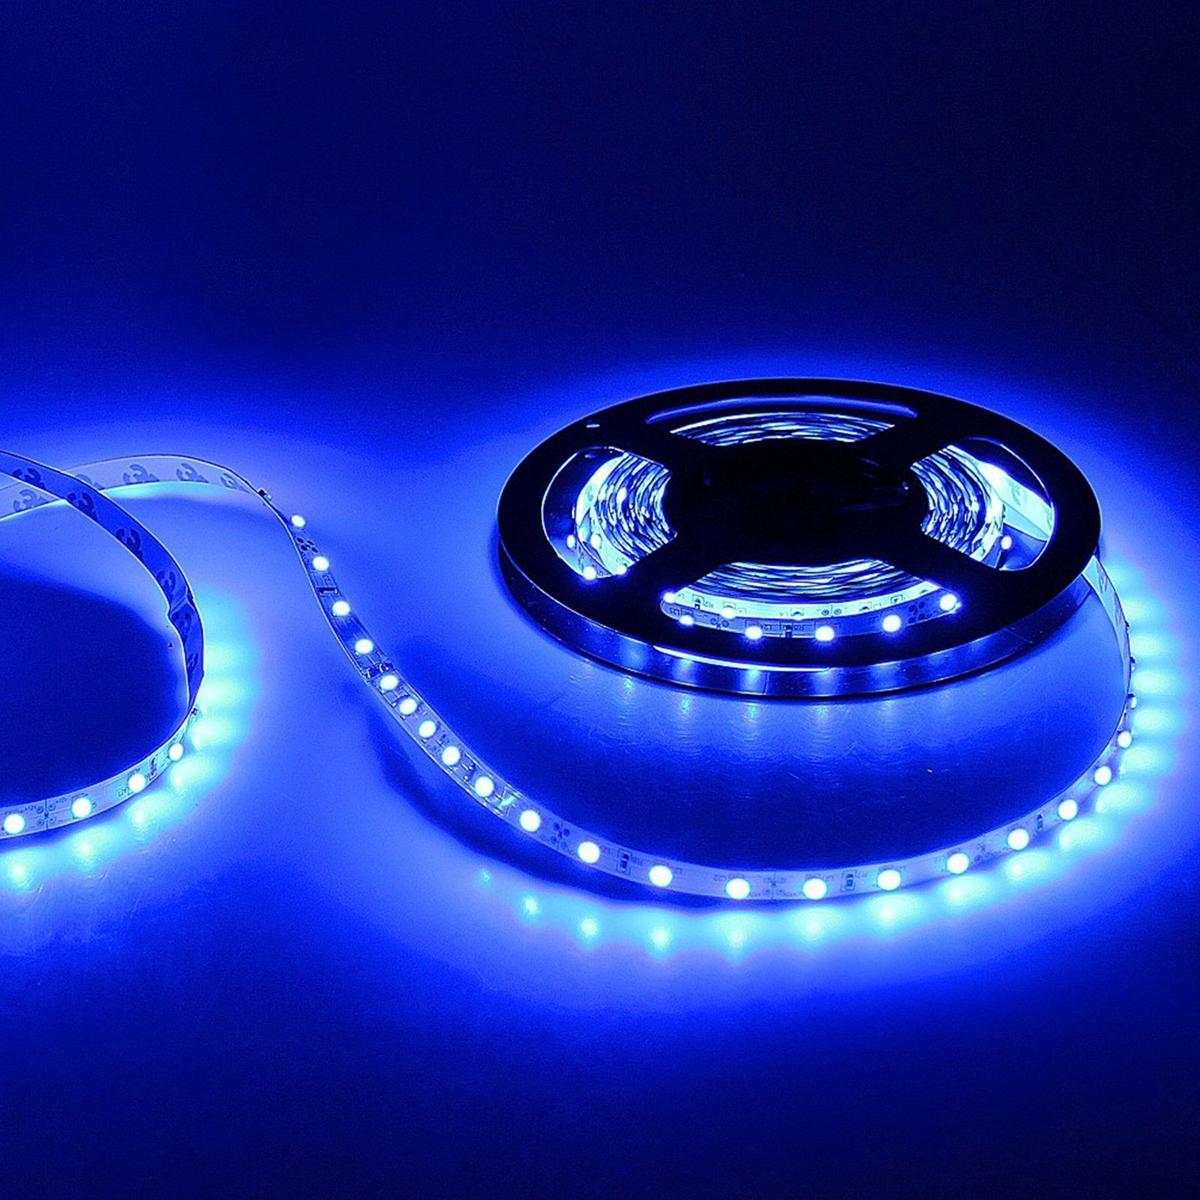 Светодиодная лента Sima-land, 12В, SMD3528, длина 5 м, IP33, 60 LED ламп, 4.8 Вт/м, DC, цвет: синий682305Светодиодные гирлянды, ленты и т.д — это отличный вариант для новогоднего оформления интерьера или фасада. С их помощью помещение любого размера можно превратить в праздничный зал, а внешние элементы зданий, украшенные ими, мгновенно станут напоминать очертания сказочного дворца. Такие украшения создают ауру предвкушения чуда. Деревья, фасады, витрины, окна и арки будто специально созданы, чтобы вы украсили их светящимися нитями.